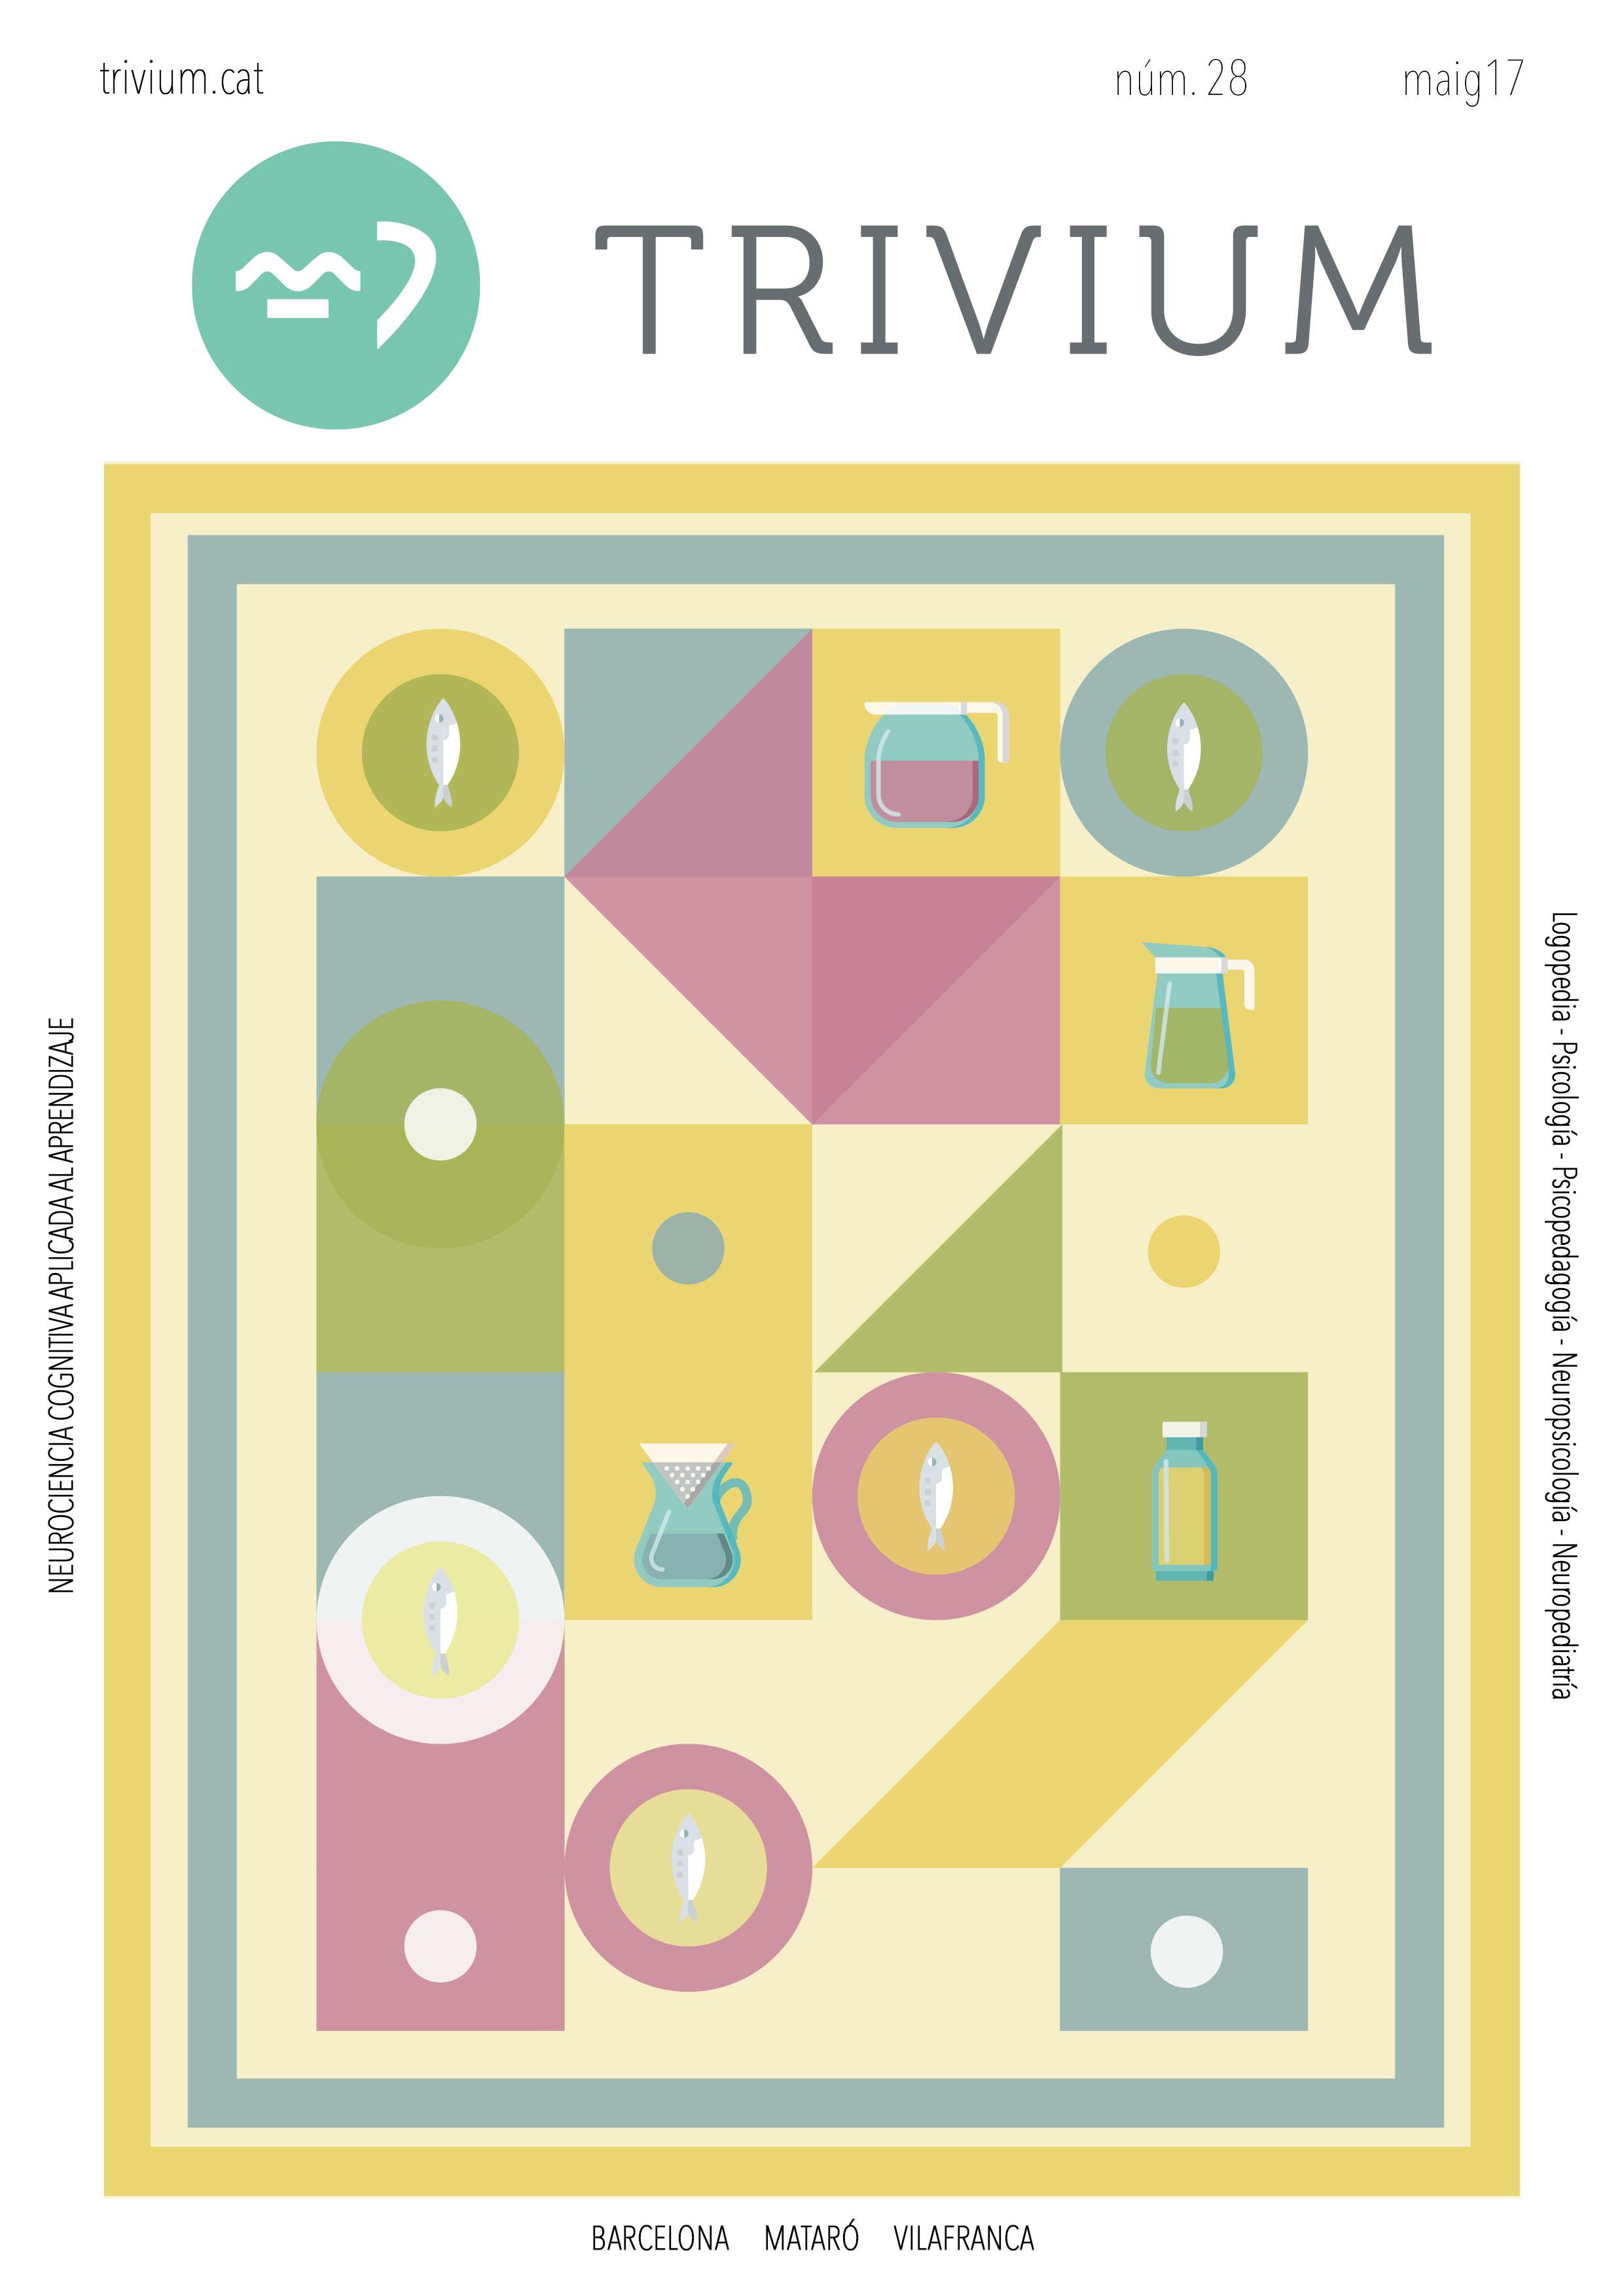 portada maig 2017 cat - trivium- aprenentatge - logopèdia- psicologia- dislèxia - barcelona